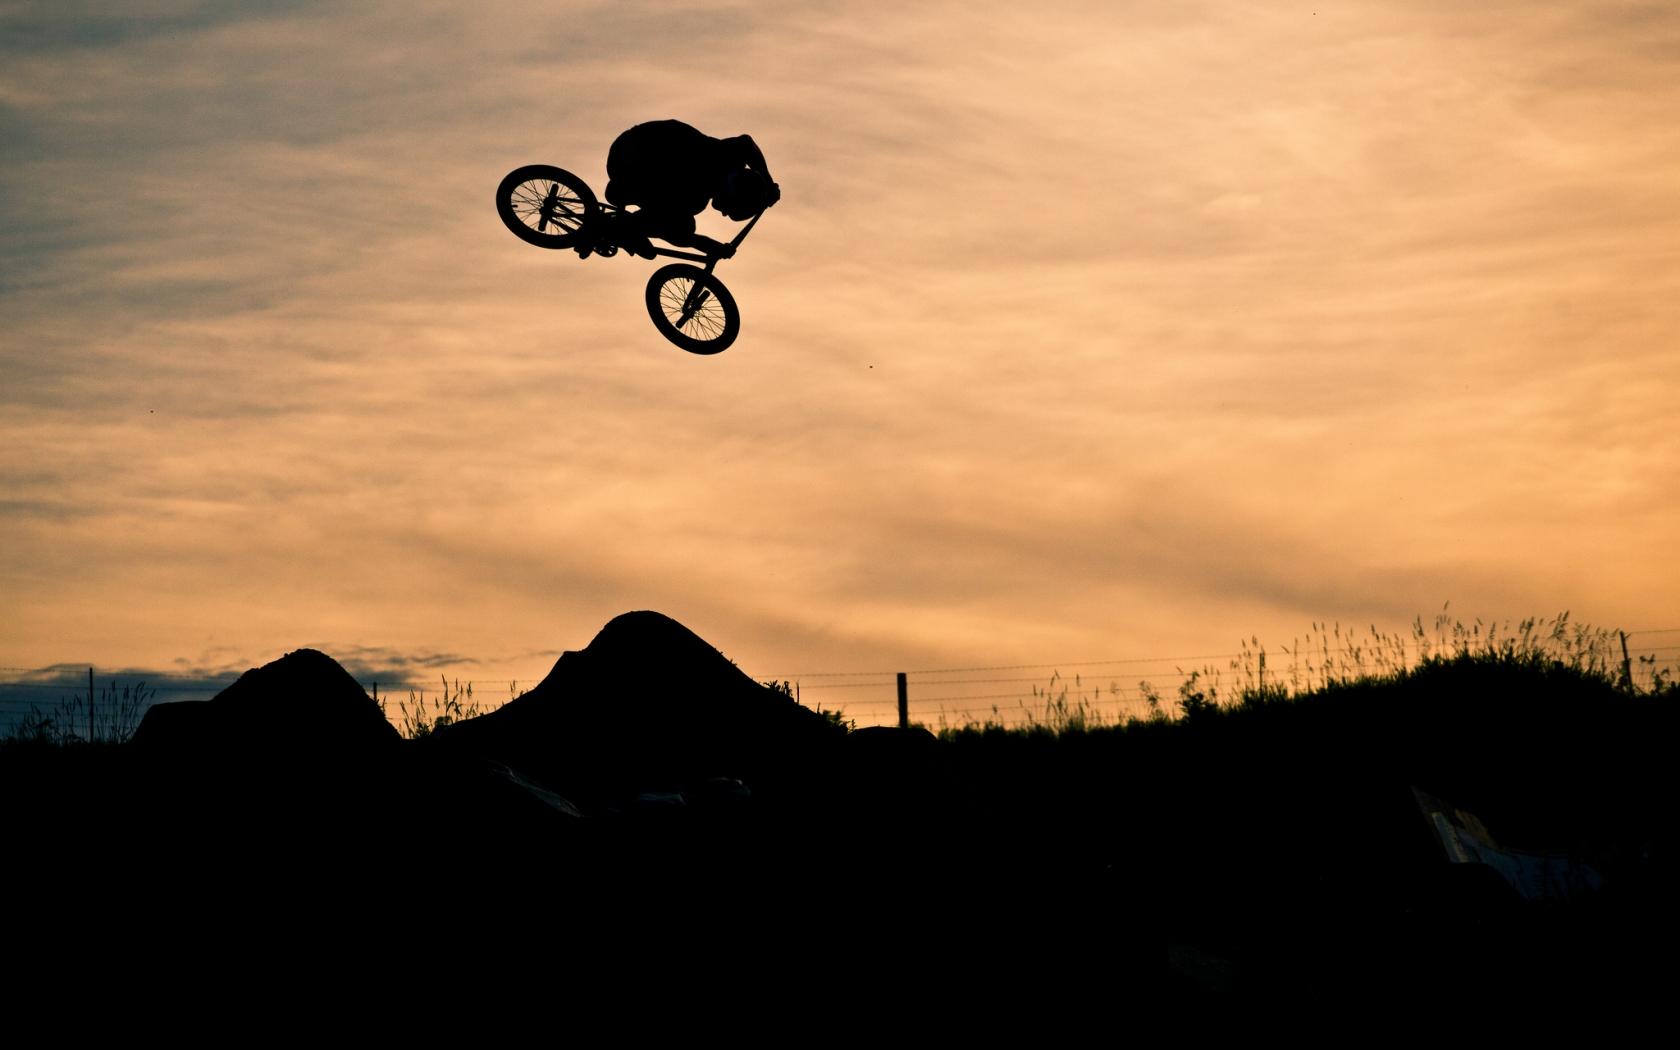 Saltos en BMX - 1680x1050